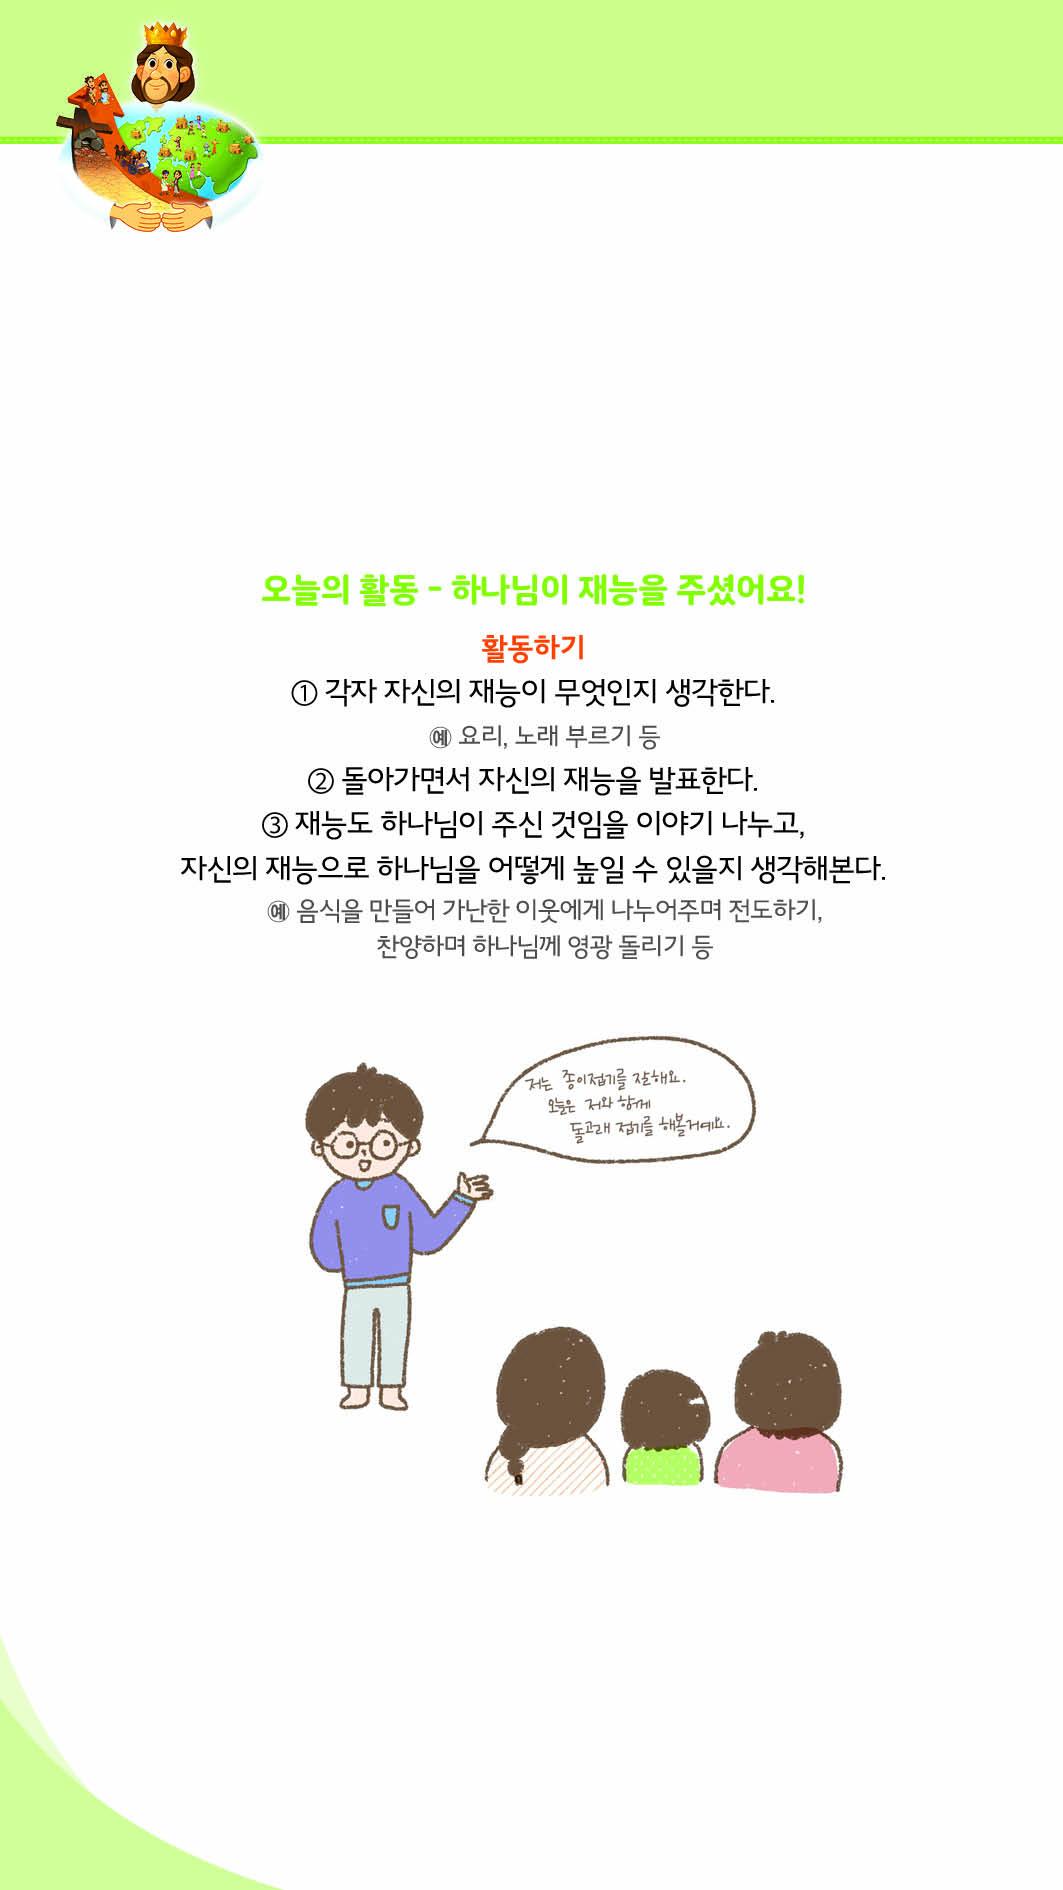 예빌 가정활동자료_신약2 모바일_3과 학령기3.jpg